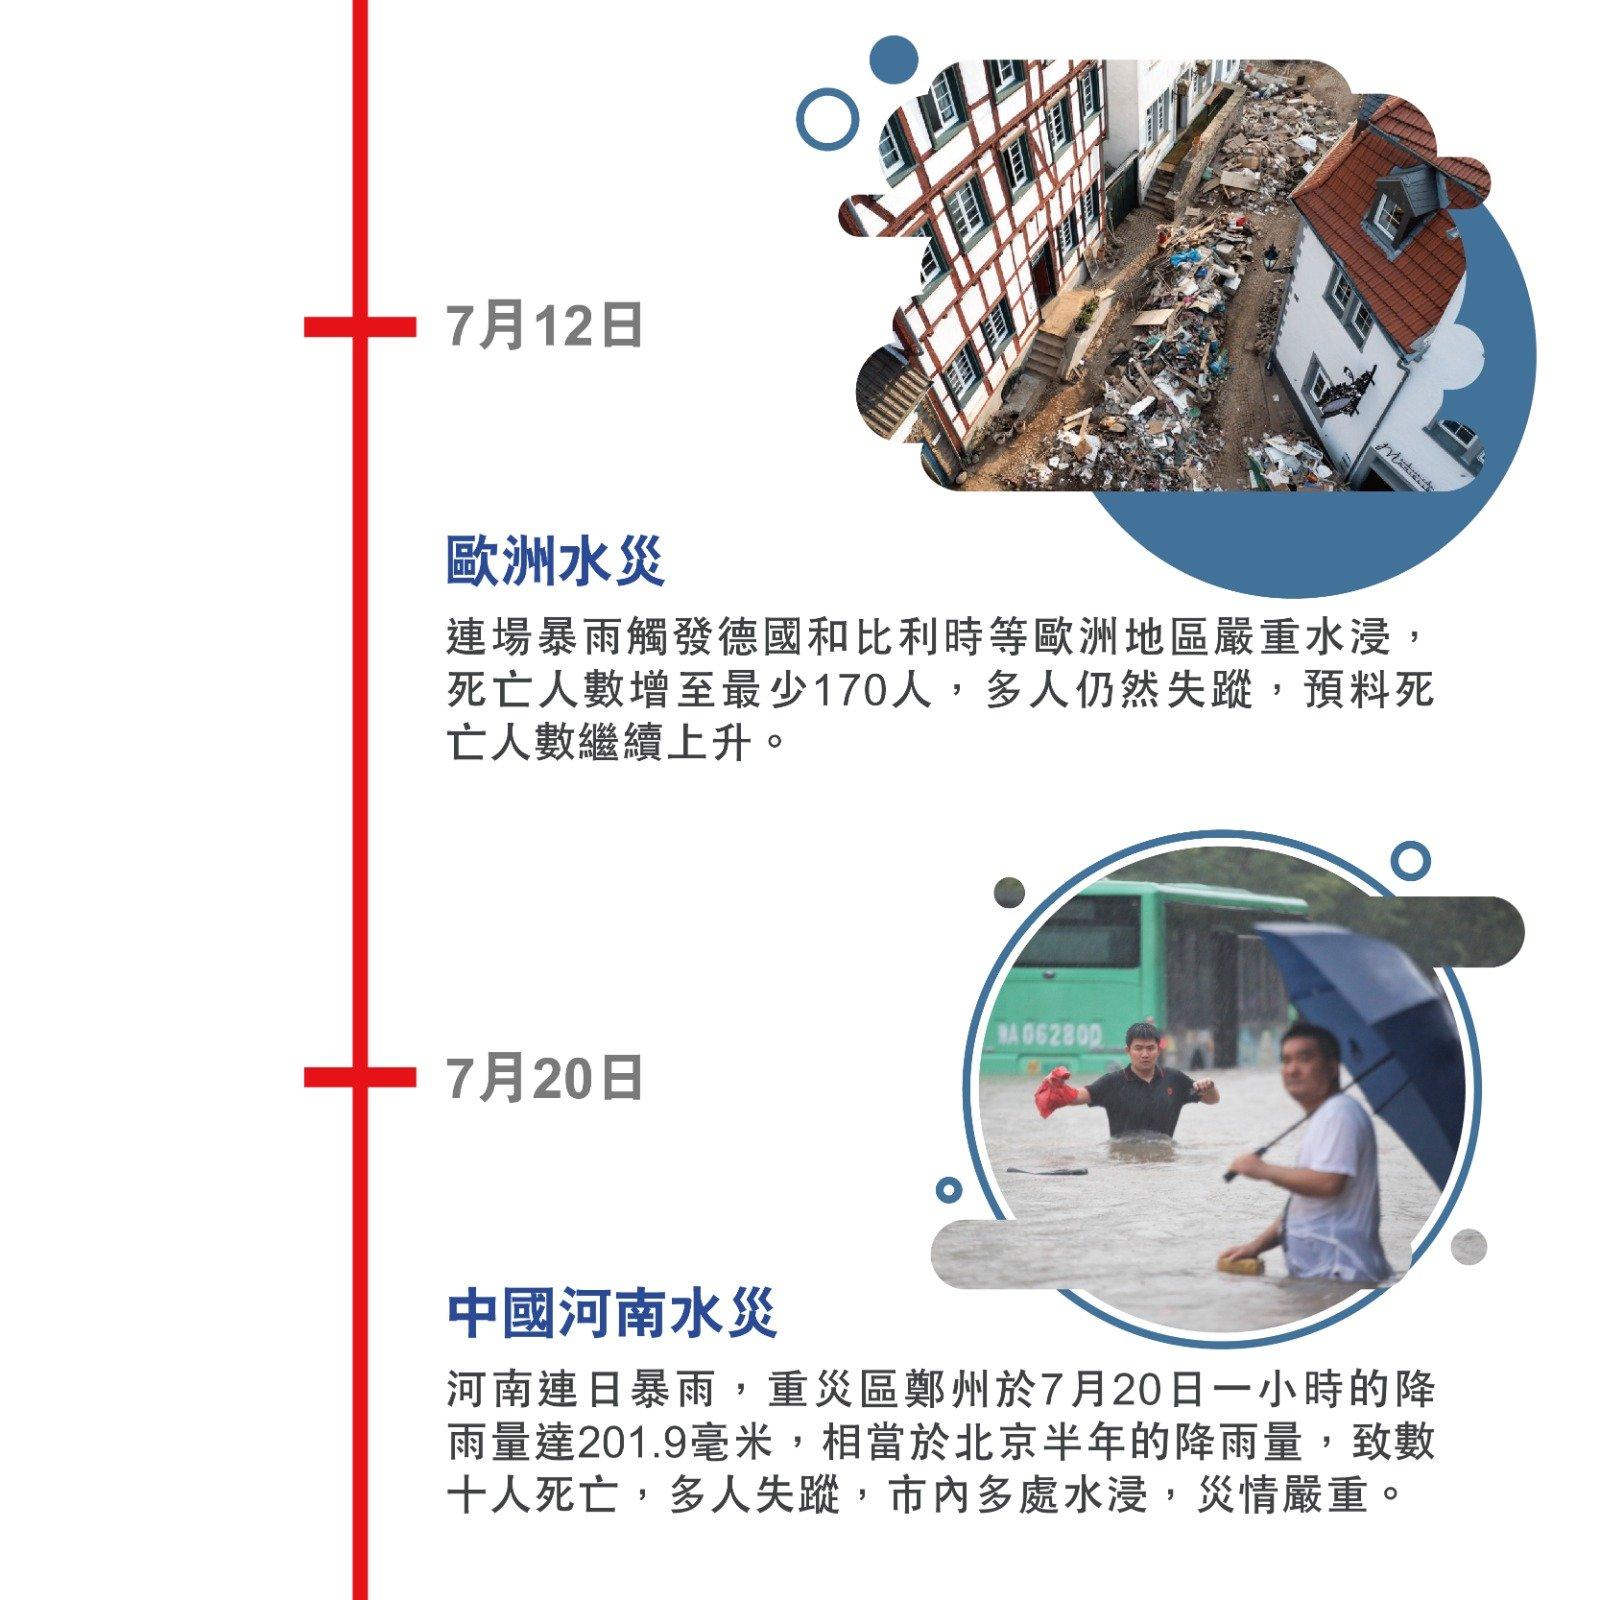 7月12日 歐洲水災 連場暴雨觸發德國和比利時等歐洲地區嚴重水浸,死亡人數增至最少170人,多人仍然失蹤,預料死亡人數繼續上升。 7月20日 中國河南水災 河南連日暴雨,重災區鄭州於7月20日一小時的降雨量達201.9毫米,相當於北京半年的降雨量,致數十人死亡,多人失蹤,市內多處水浸,災情嚴重。